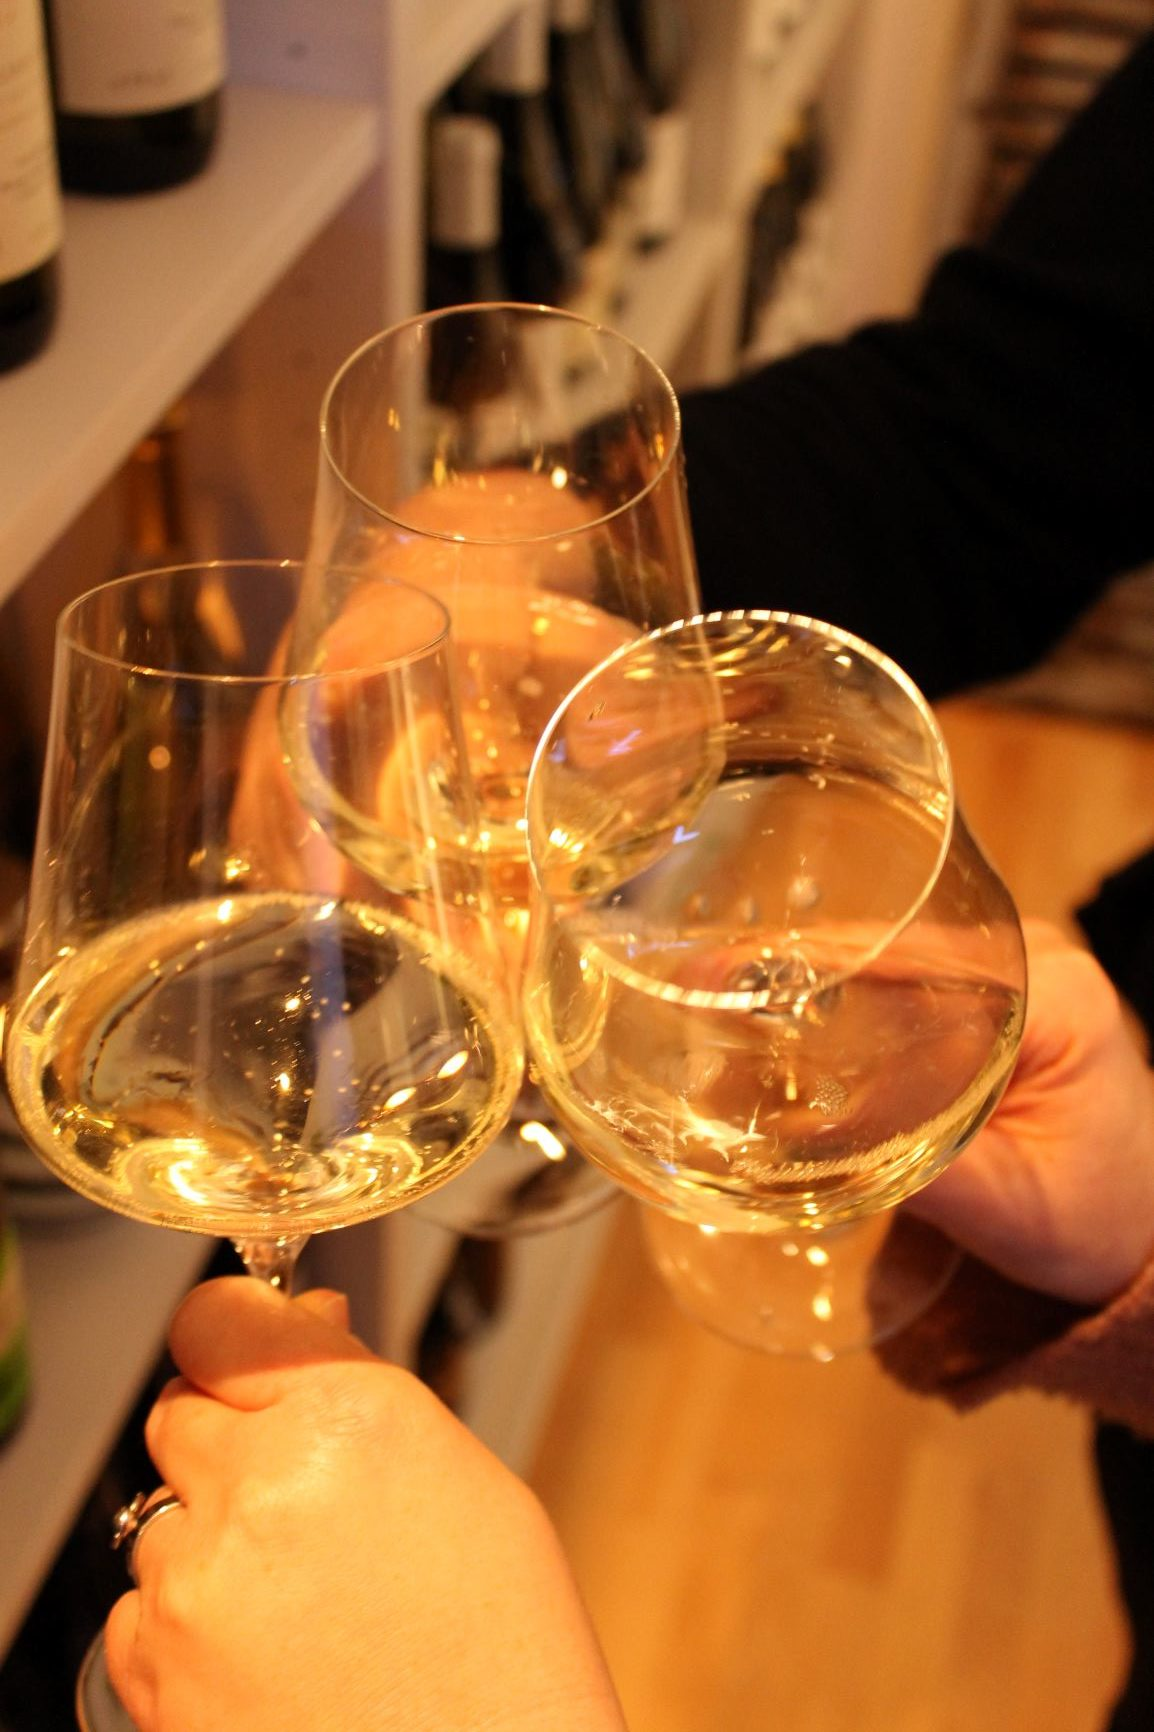 Feiern bei Weinsichten e1573658424285 - Firmenevents und private Weinabende